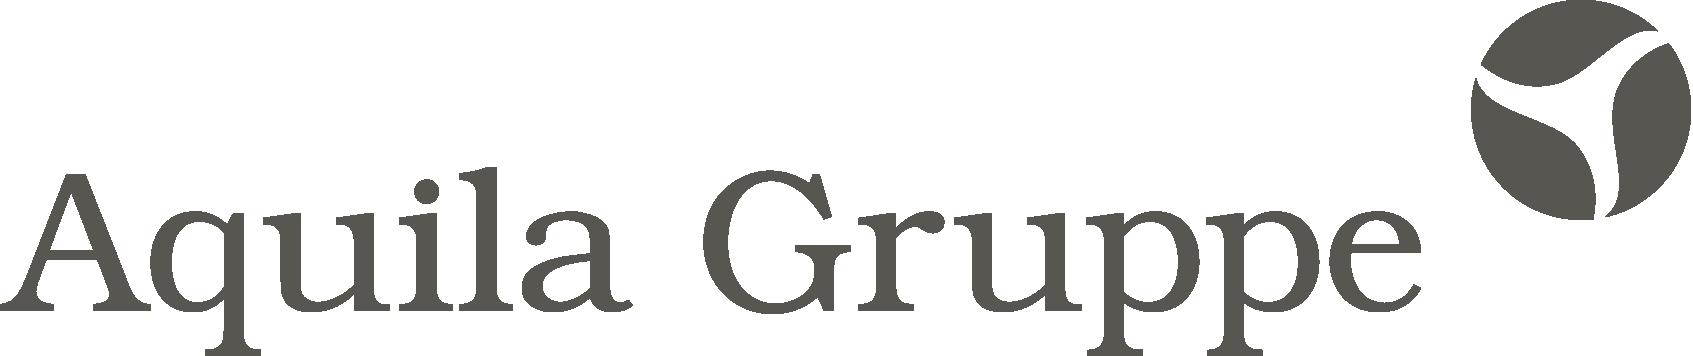 Aquila_Gruppe_grau